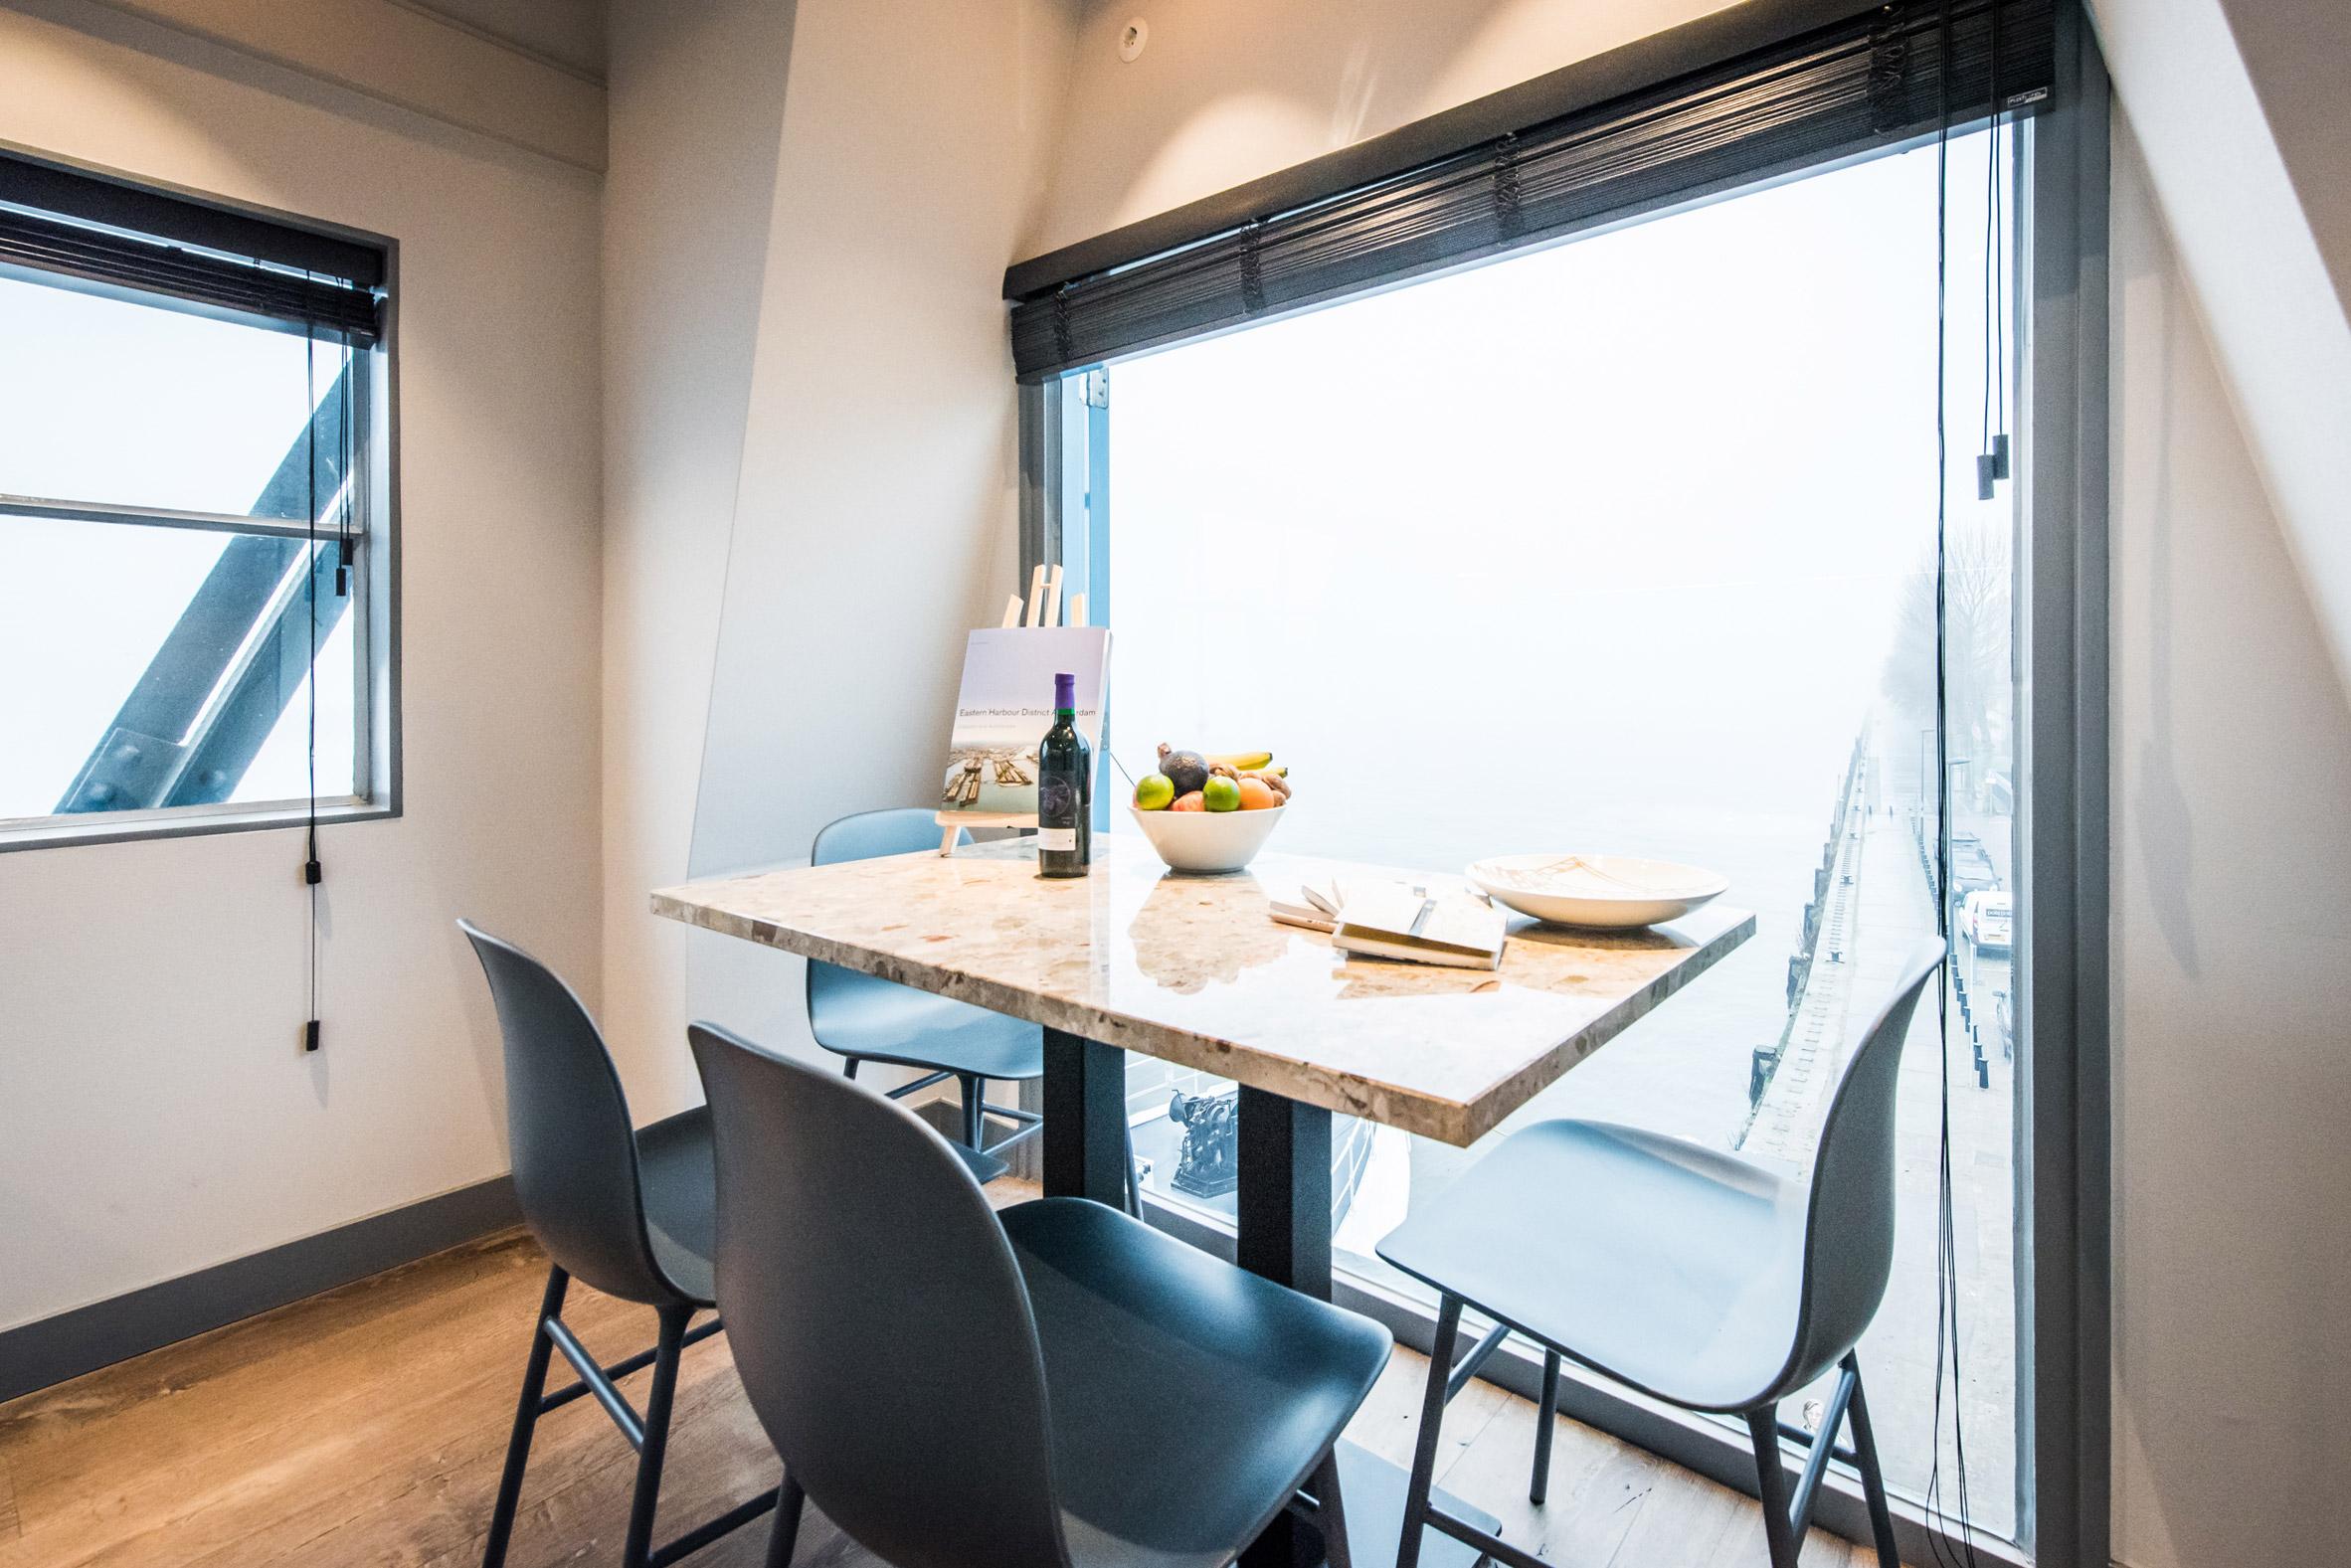 Yays Crane Apartment by Edward van Vliet